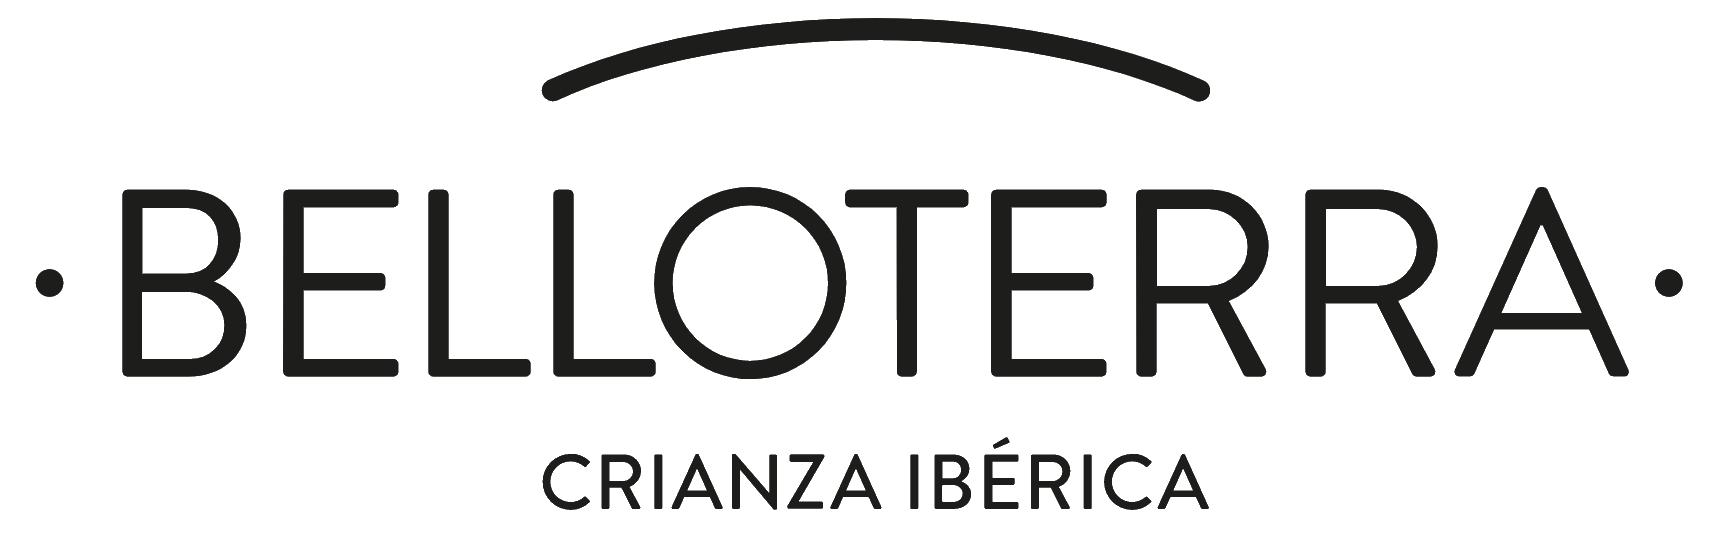 Imagen del logotipo de Belloterra. En Quiero Delicatessen Belloterra - Crianza - bellota - ibérica - ibéricos - jamón